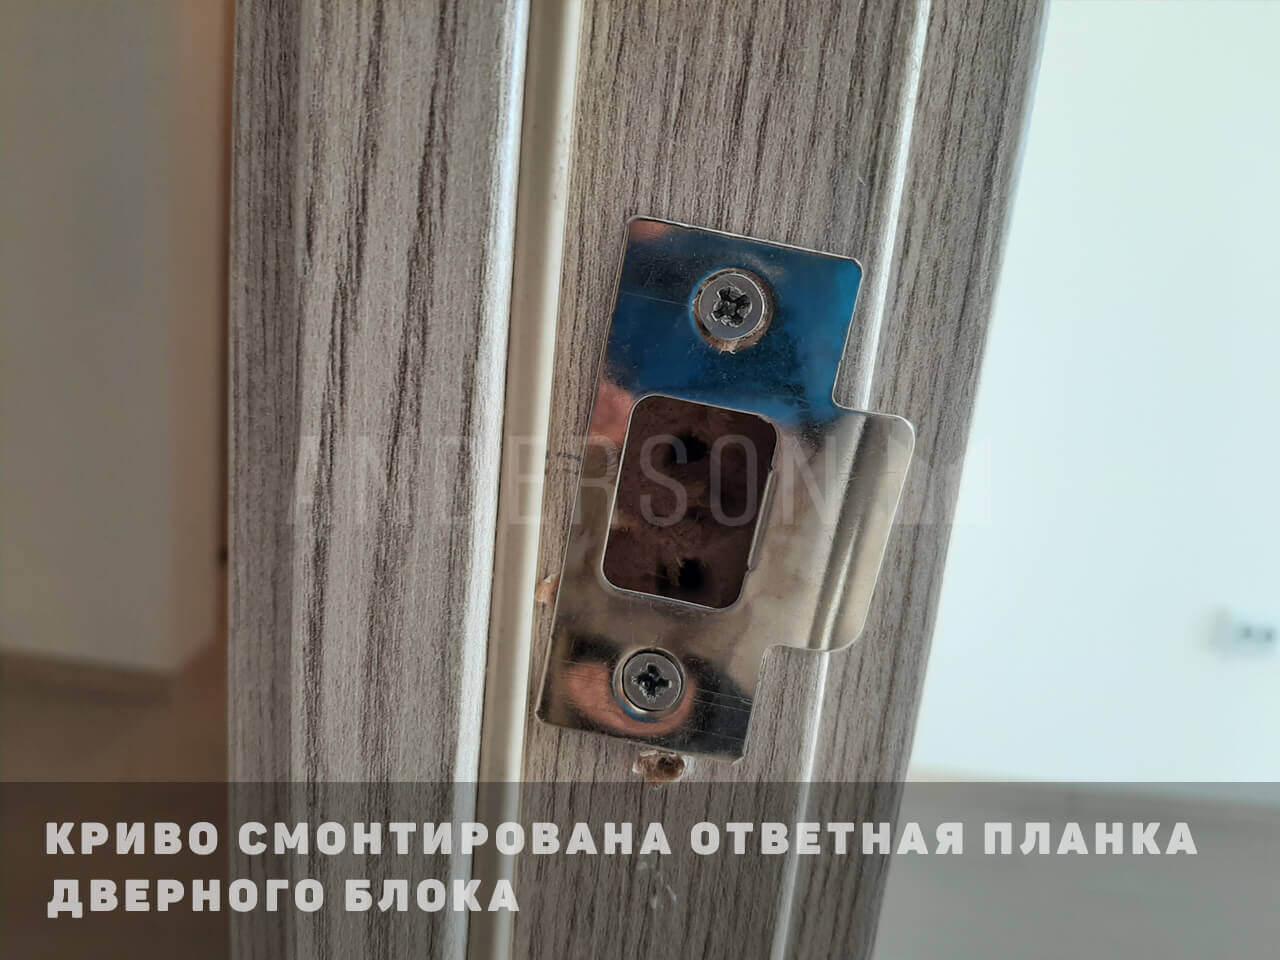 Криво смонтирована ответная планка двери